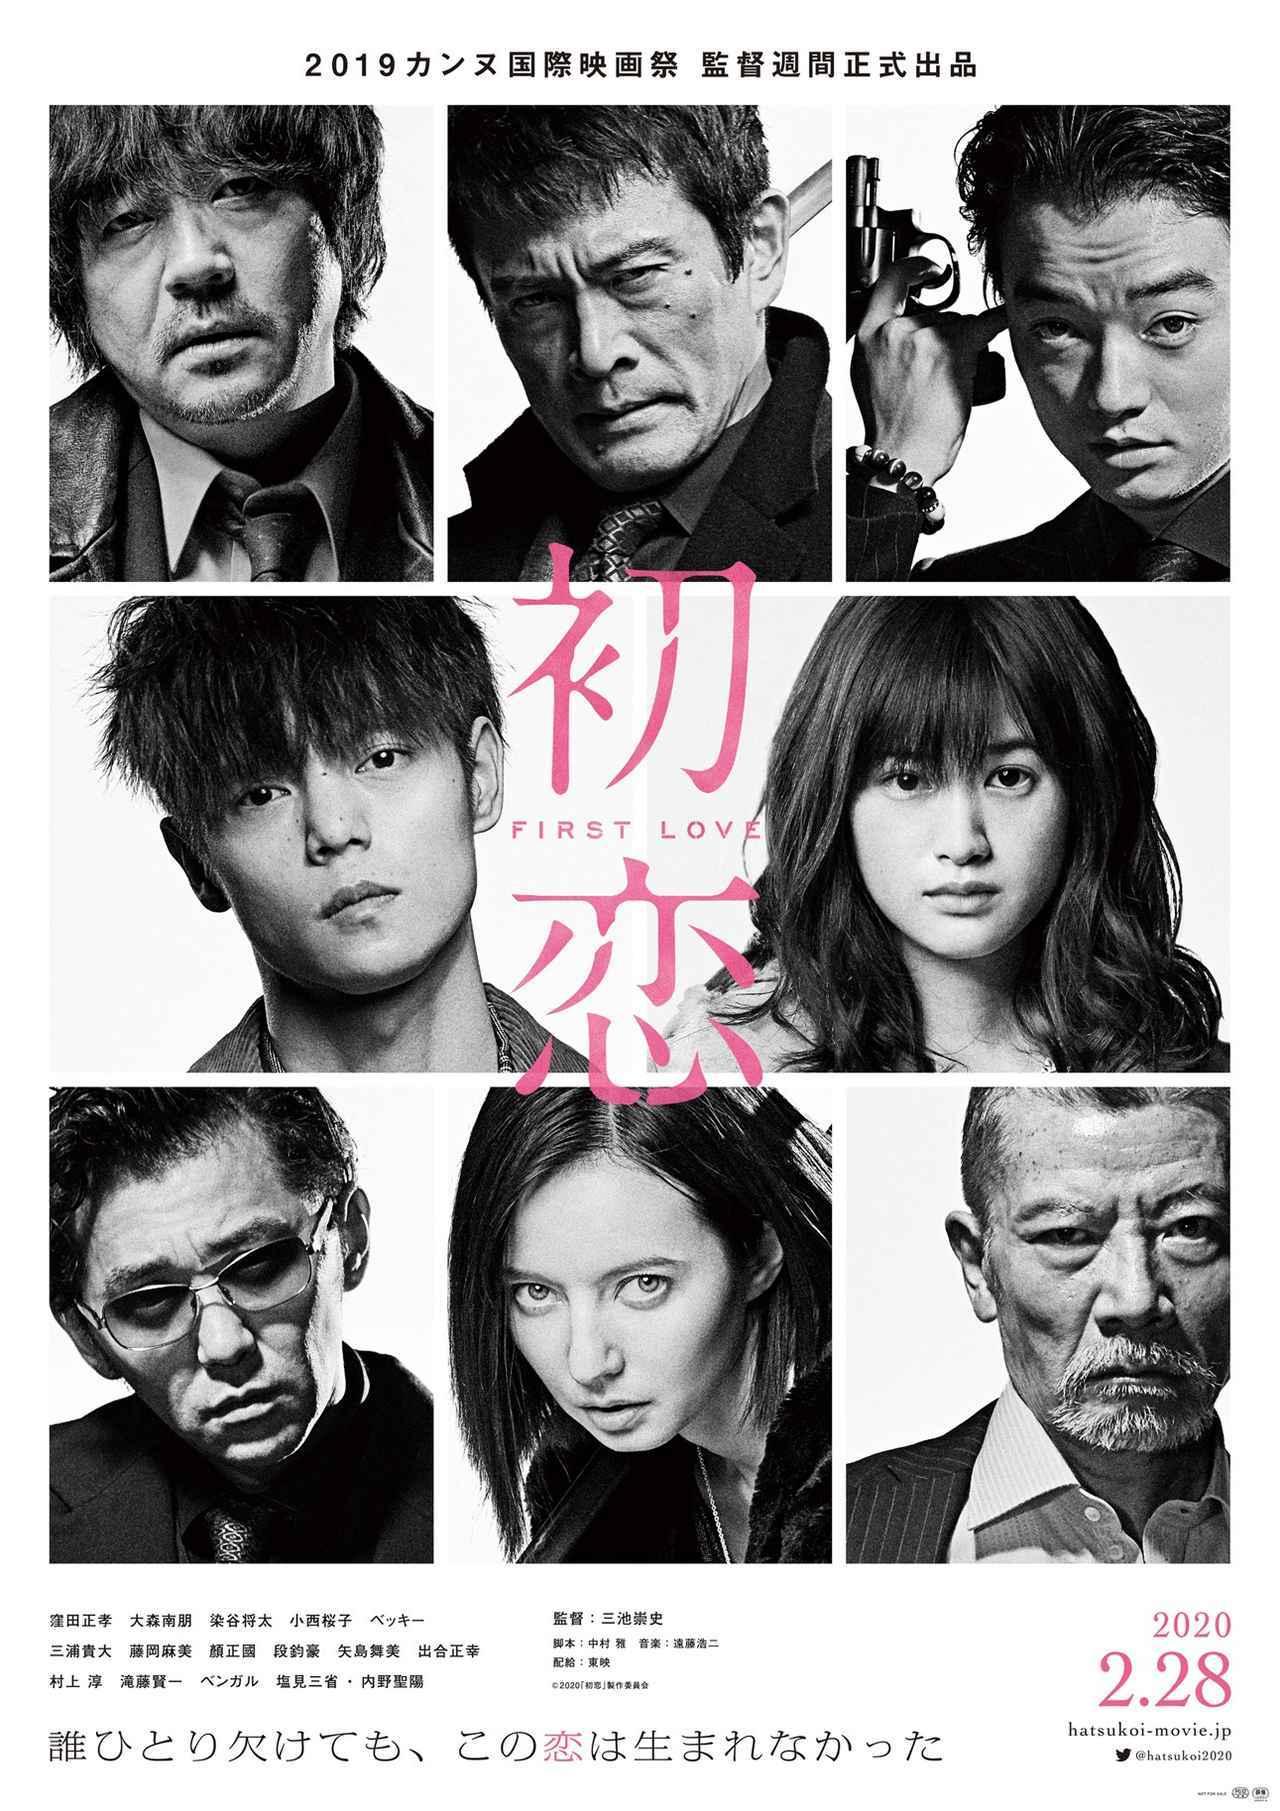 画像2: (C)2020「初恋」製作委員会